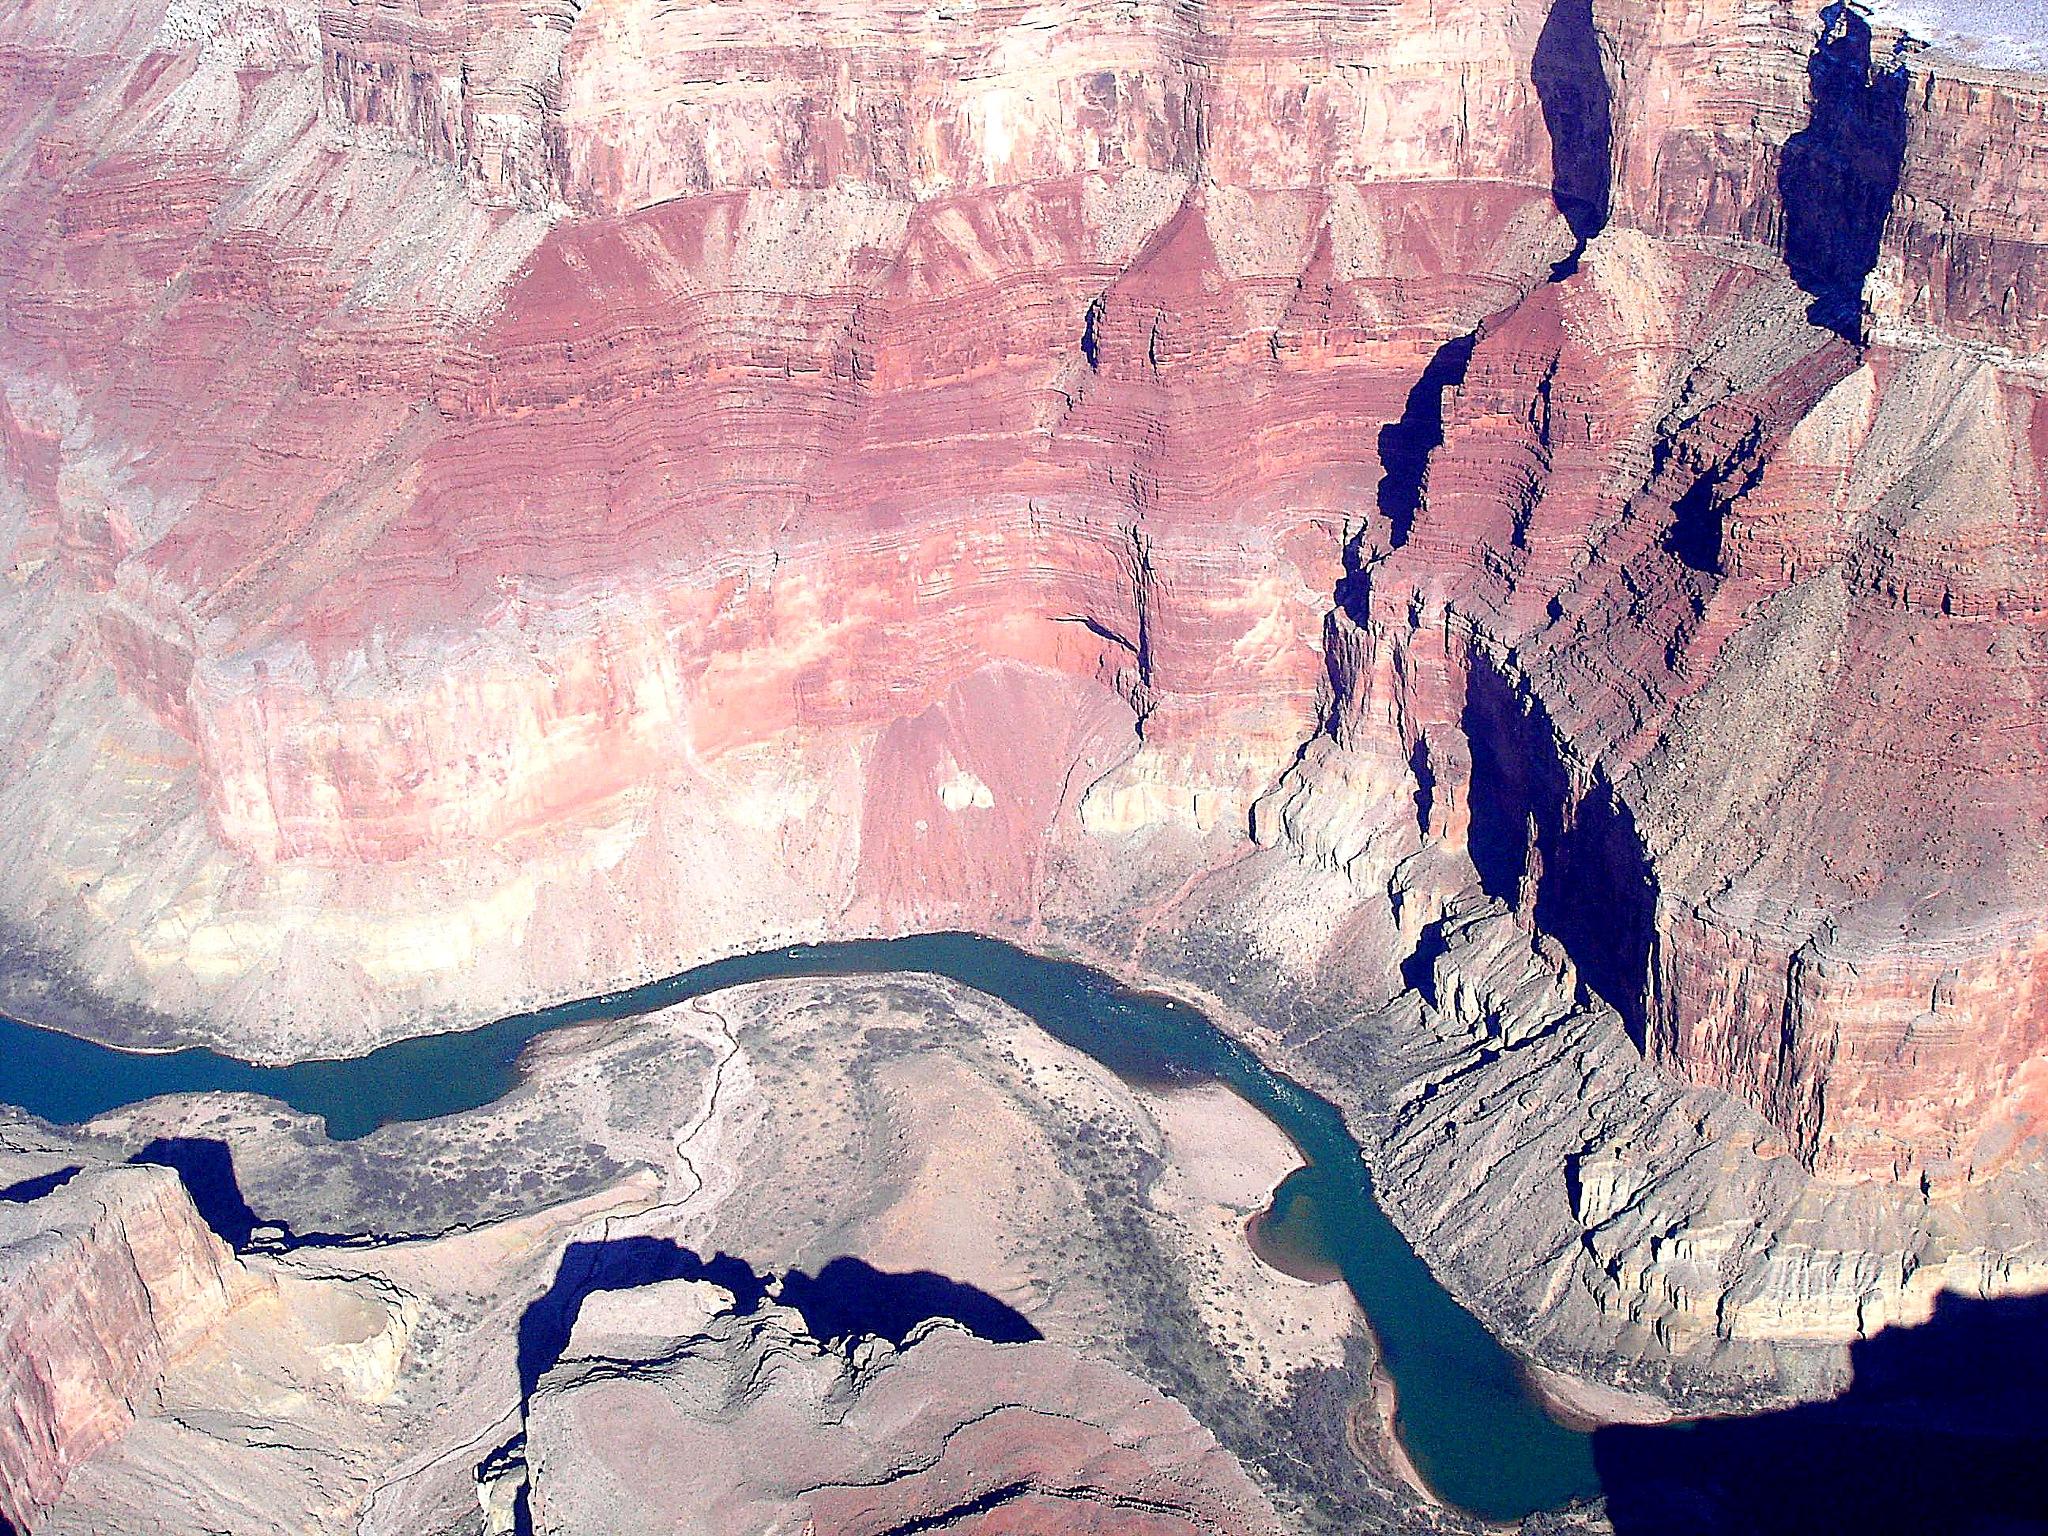 Colorado river by Manuela Angelini